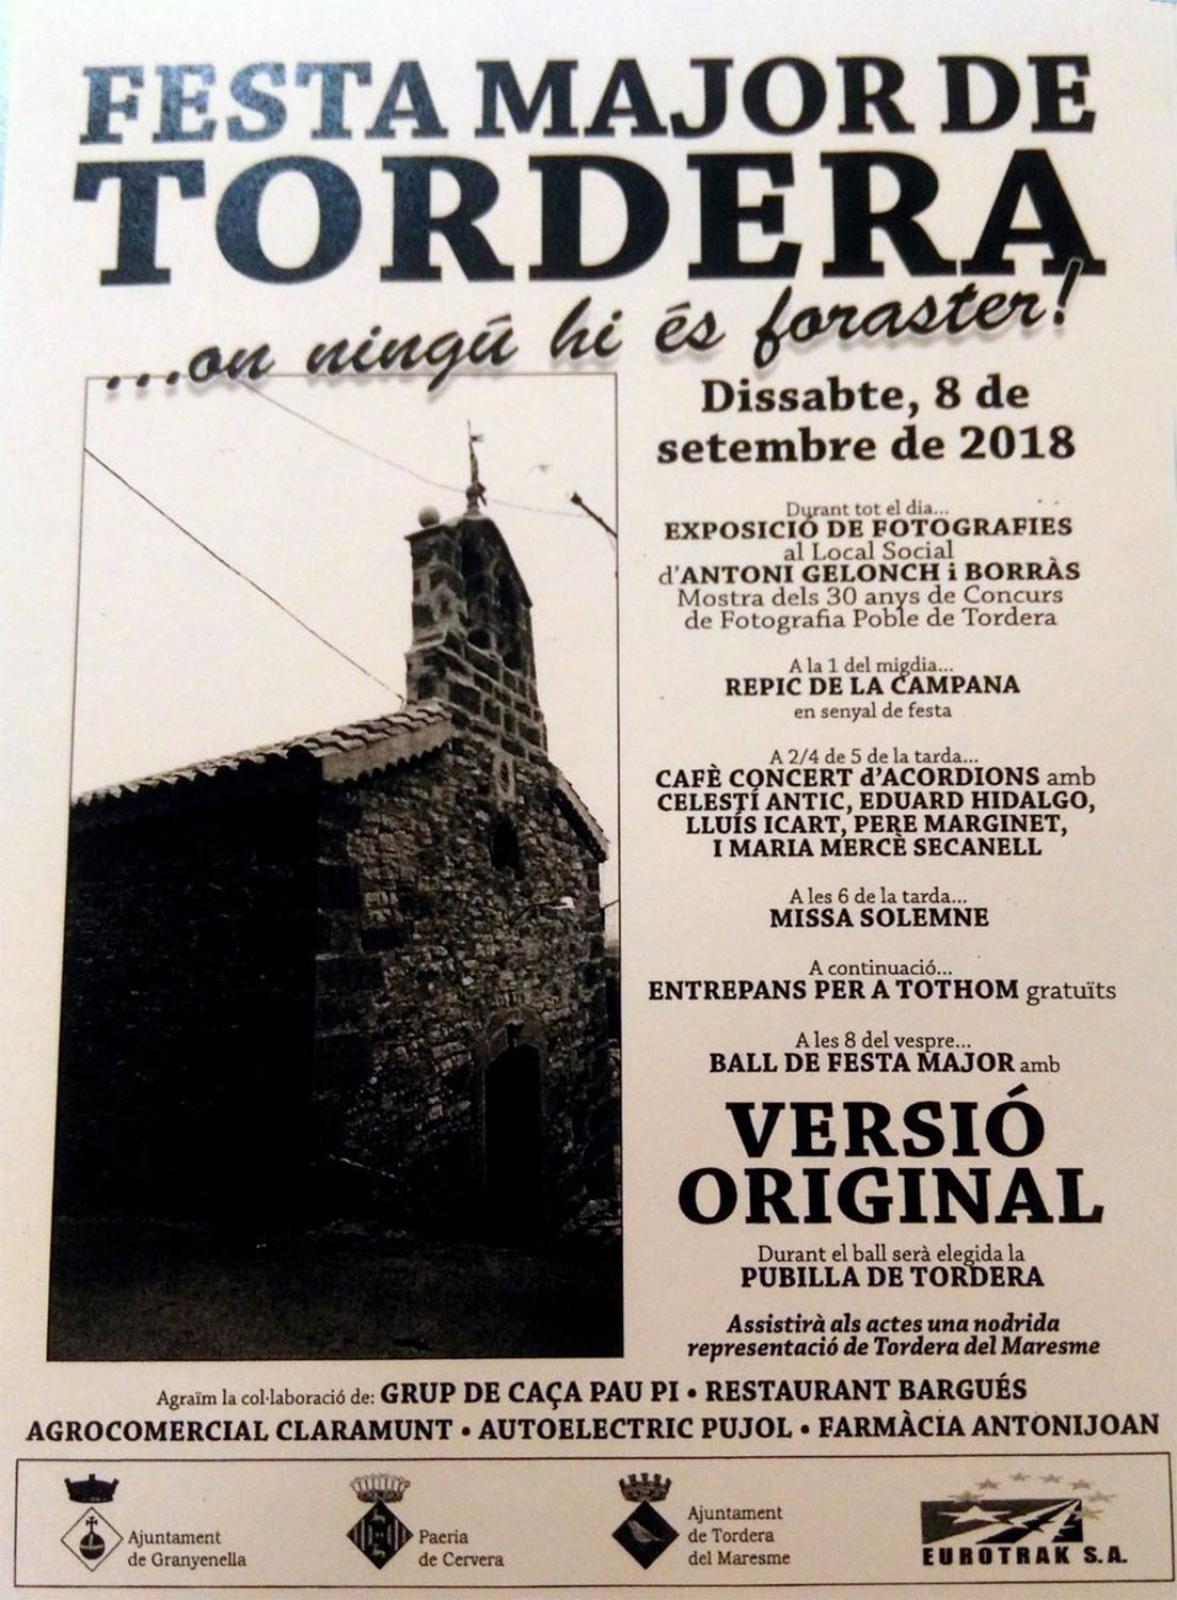 Festa Major de Tordera 2018